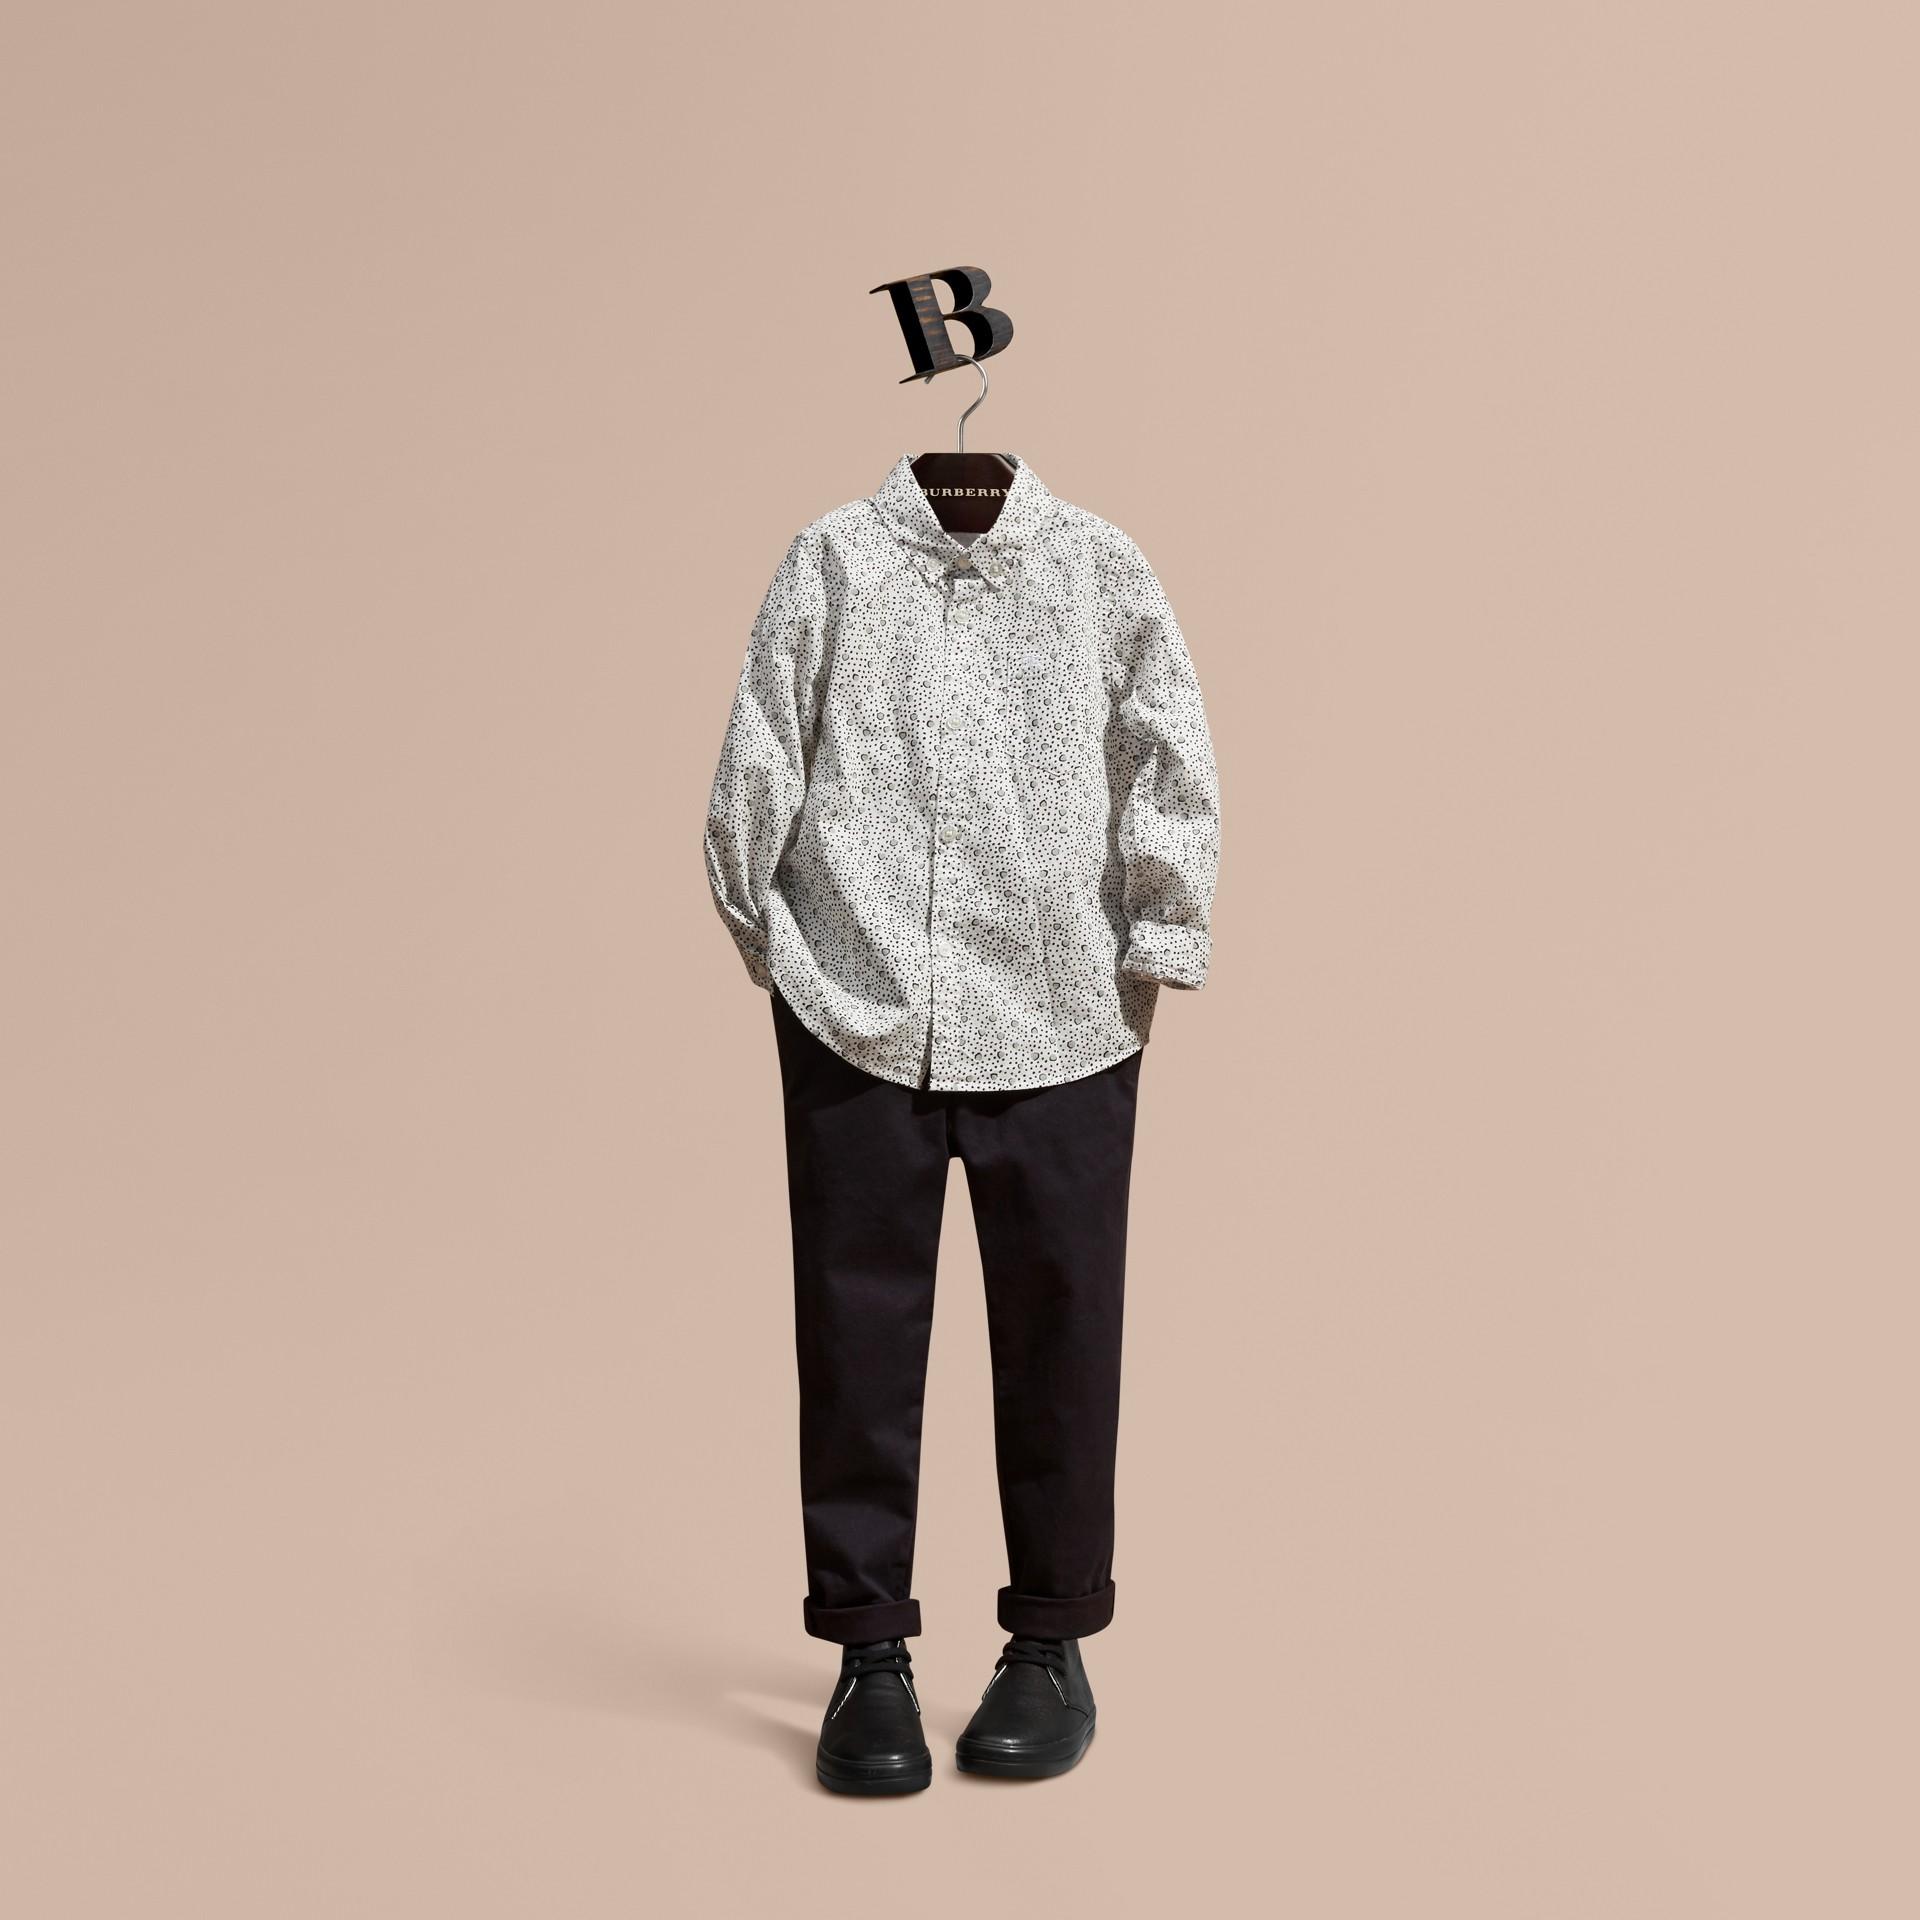 Branco Camisa de algodão com estampa de poás Branco - galeria de imagens 1